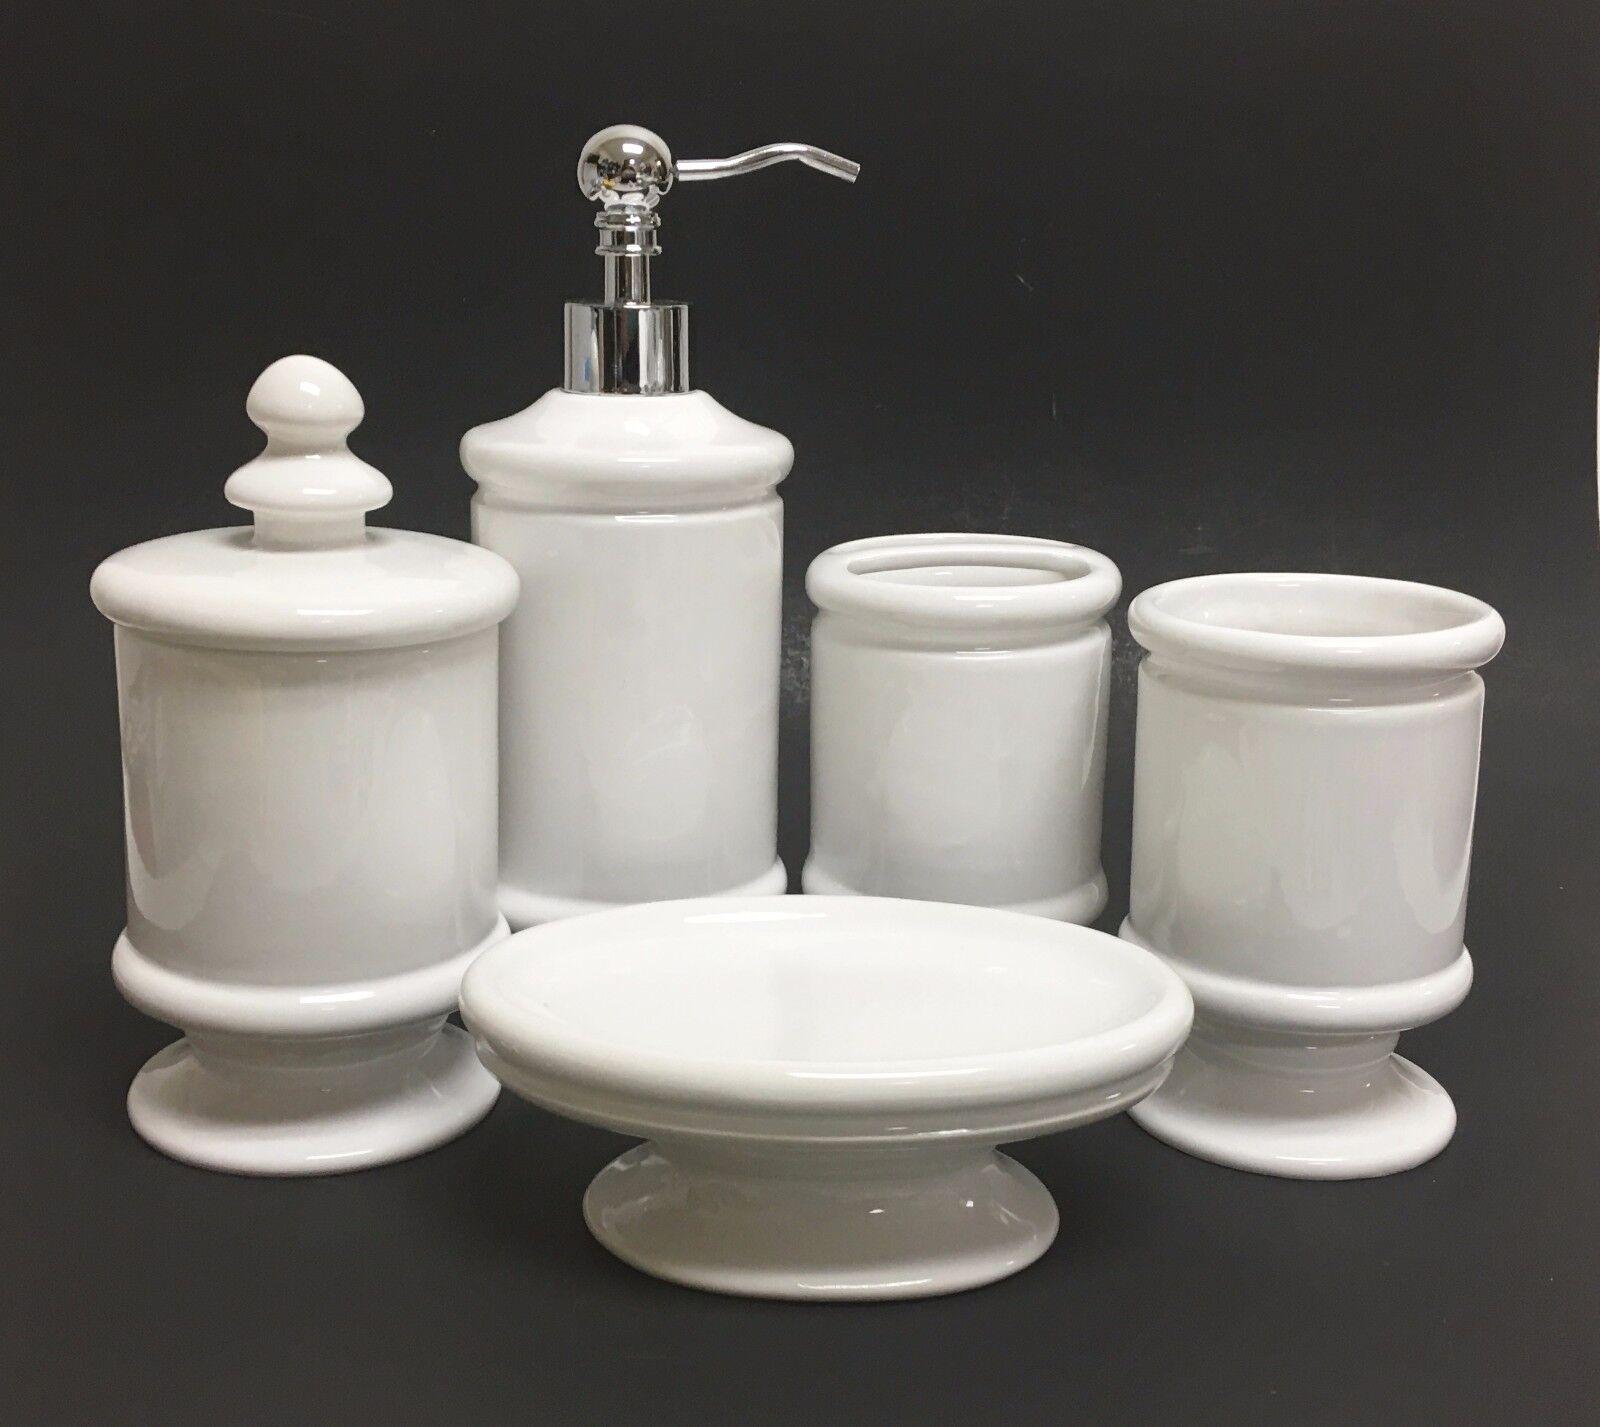 Neuf 5 Pièces Set Blanc Céramique Distributeur de Savon Savon Savon  Porte Savon  Verre e0238d